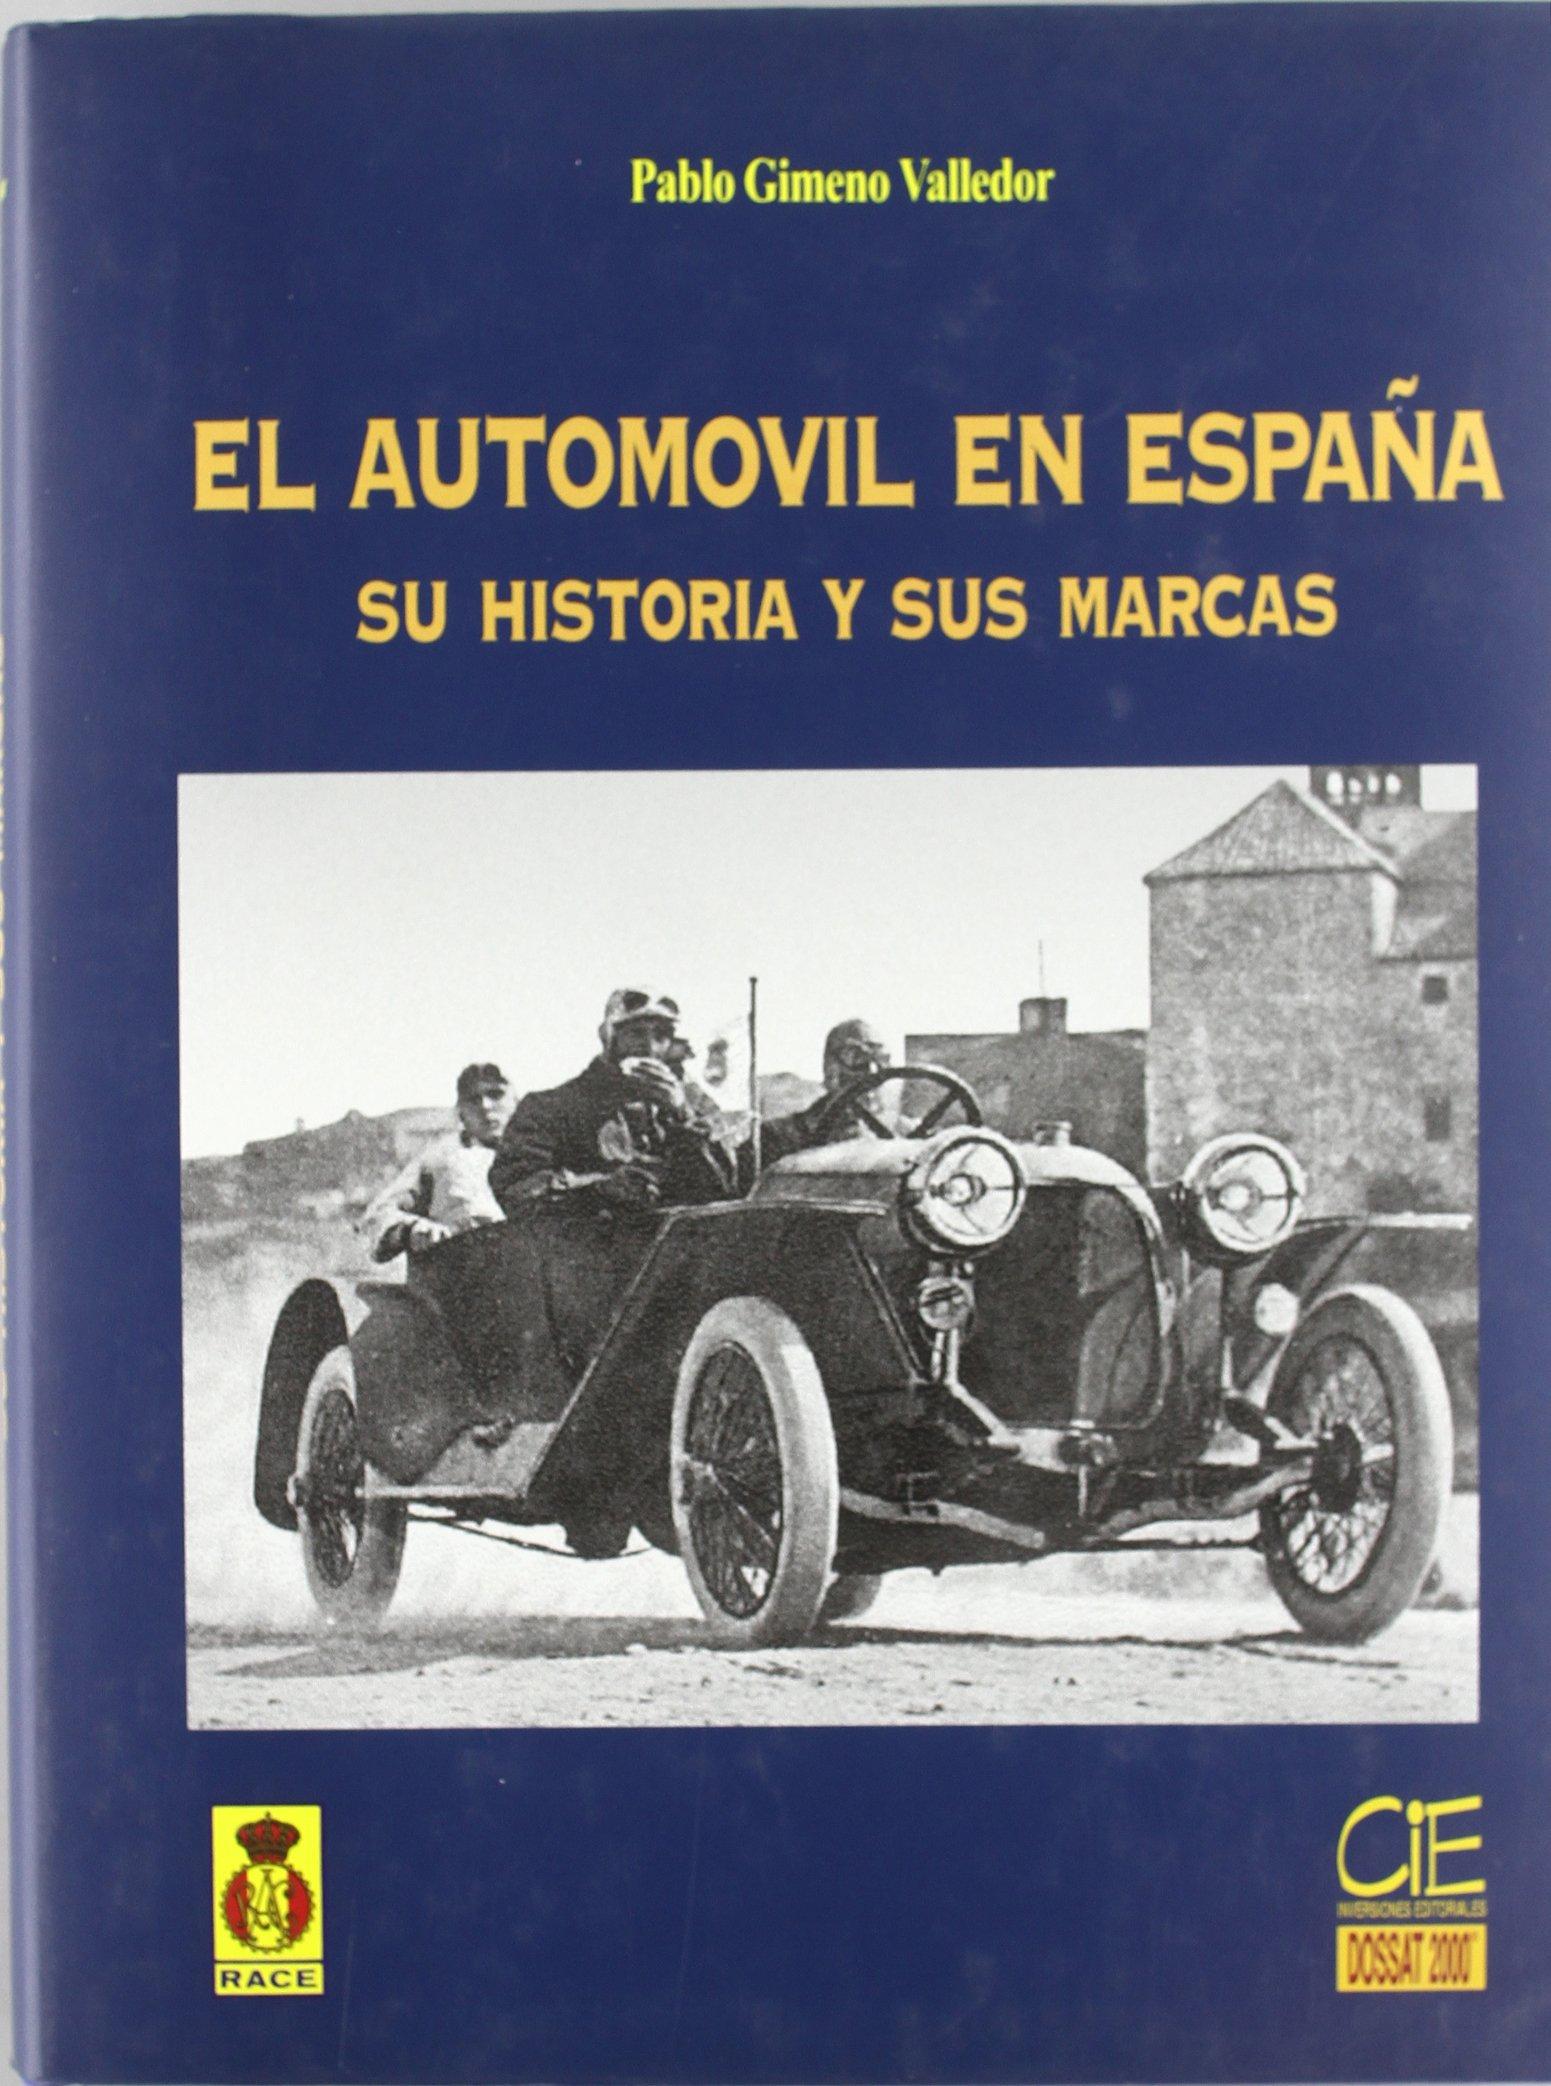 Automóvil en España, el : su historia y sus marcas: Amazon.es: Gimeno Valledor, Pablo: Libros